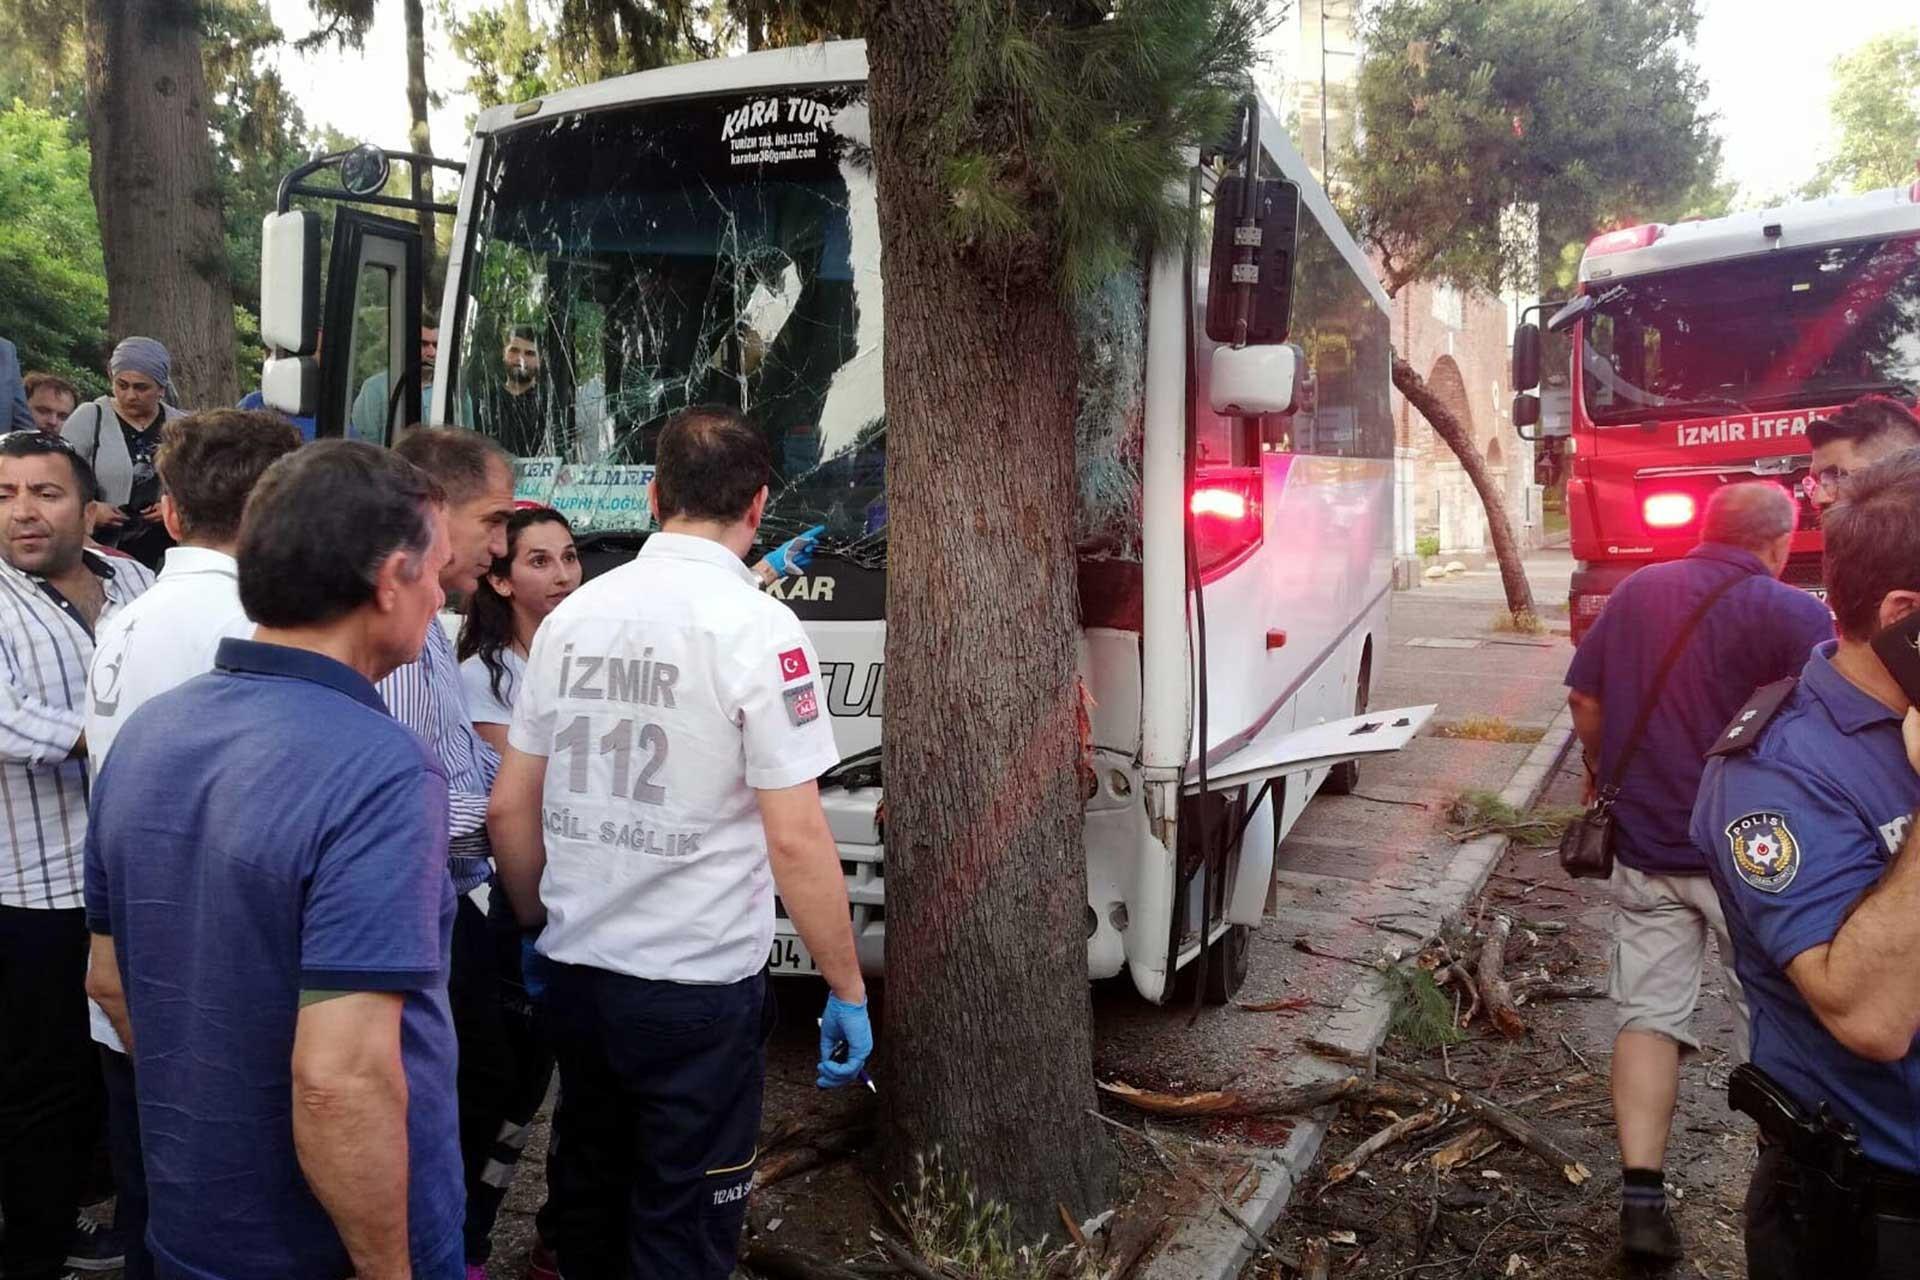 İzmir'de öğrencileri taşıyan midibüs kaza yaptı, 15'i öğrenci 17 kişi yaralandı